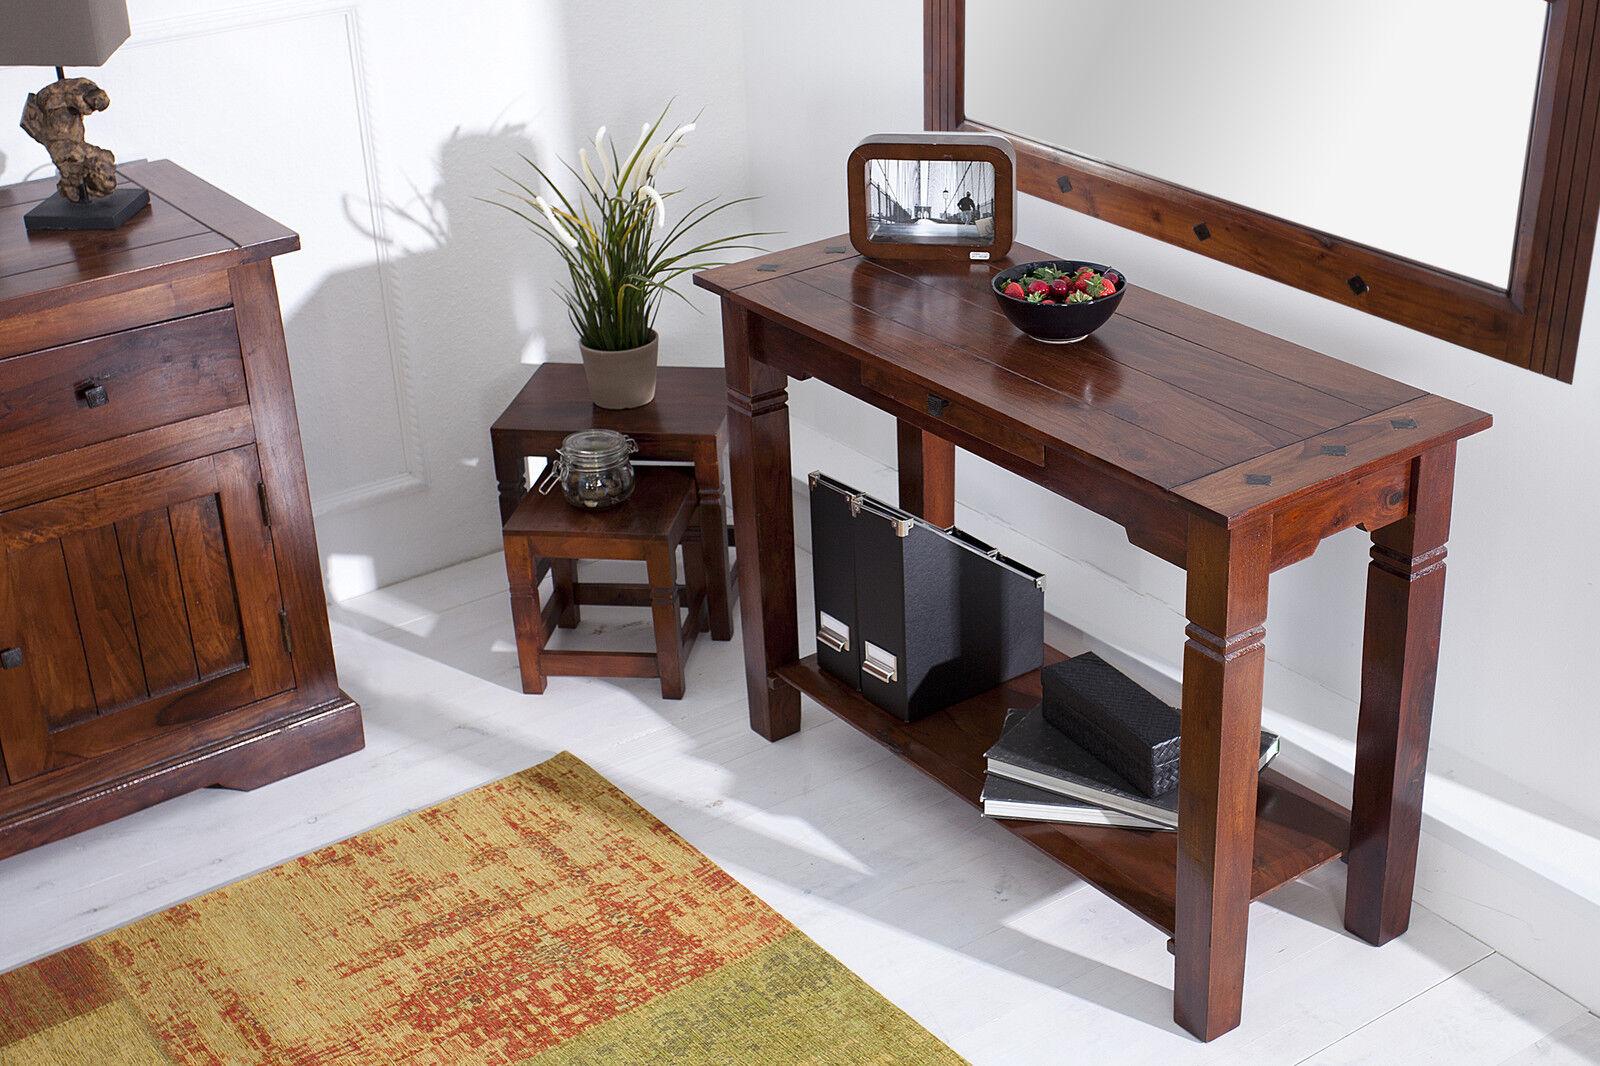 spiegel konsole set massivholz sheesham mit beschl ge aus metall mit schublade ebay. Black Bedroom Furniture Sets. Home Design Ideas